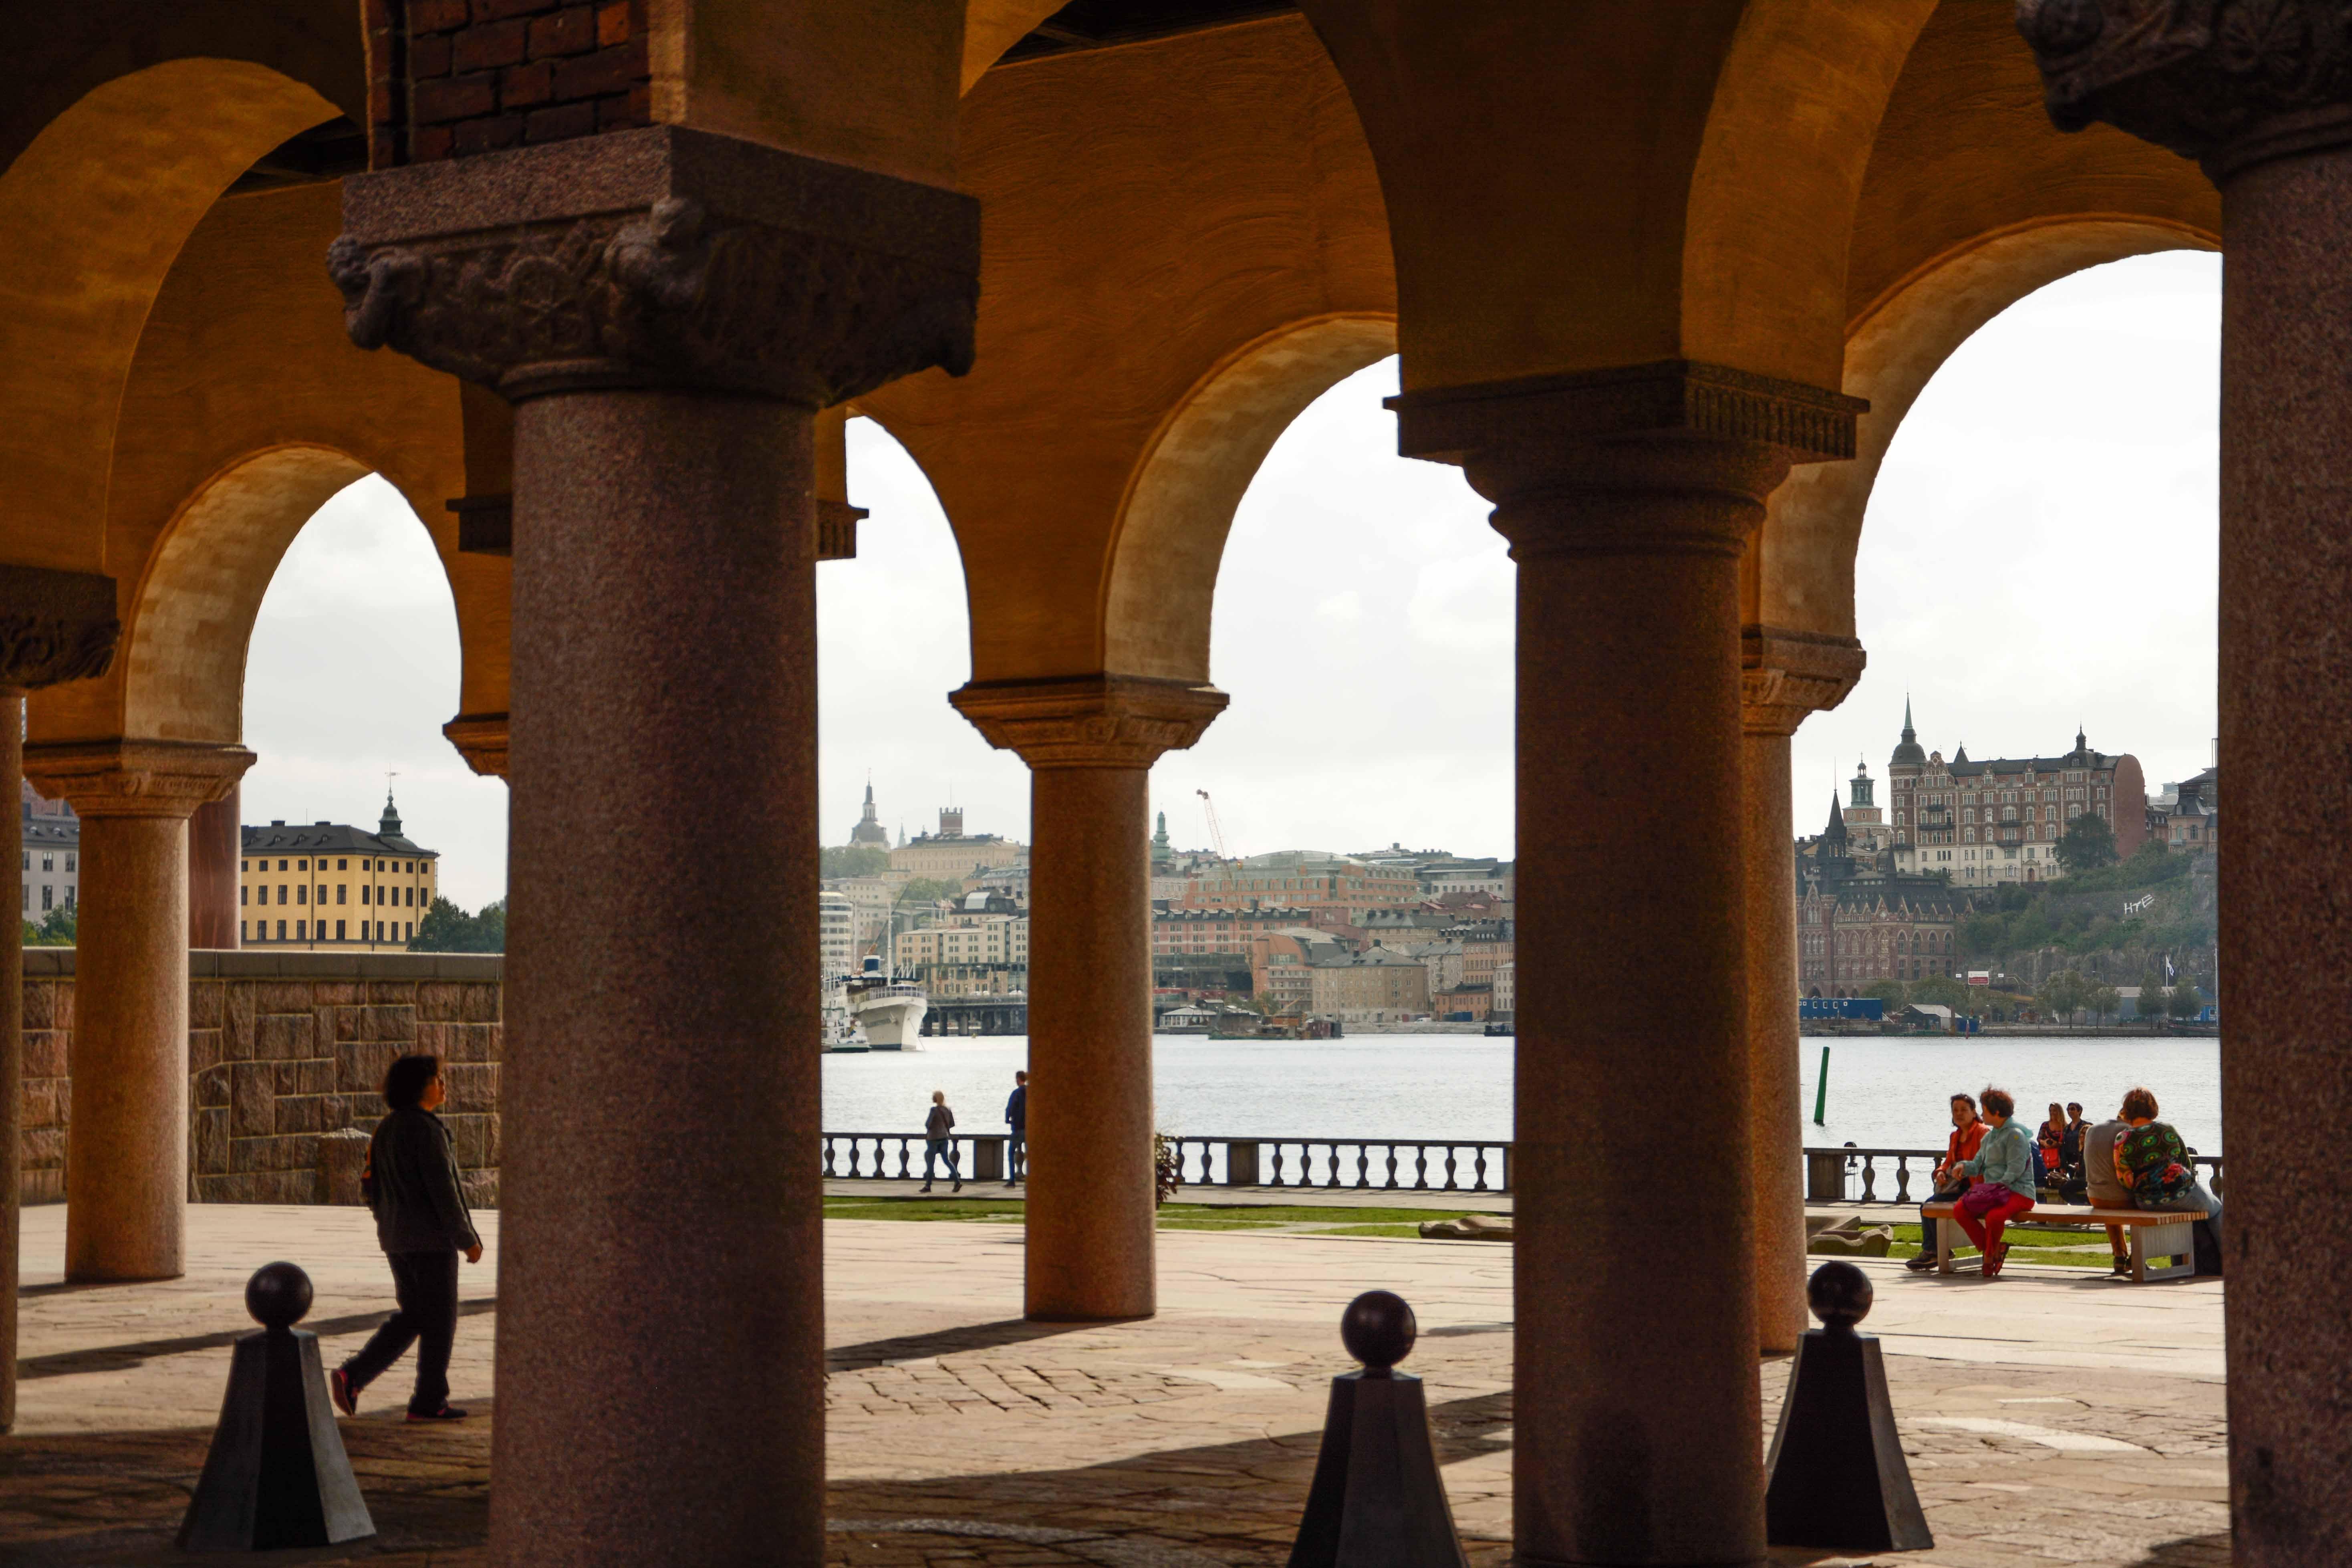 Zwischen den Säulen des Rathauses: Blick auf die Insel Södermalm in Stockholm